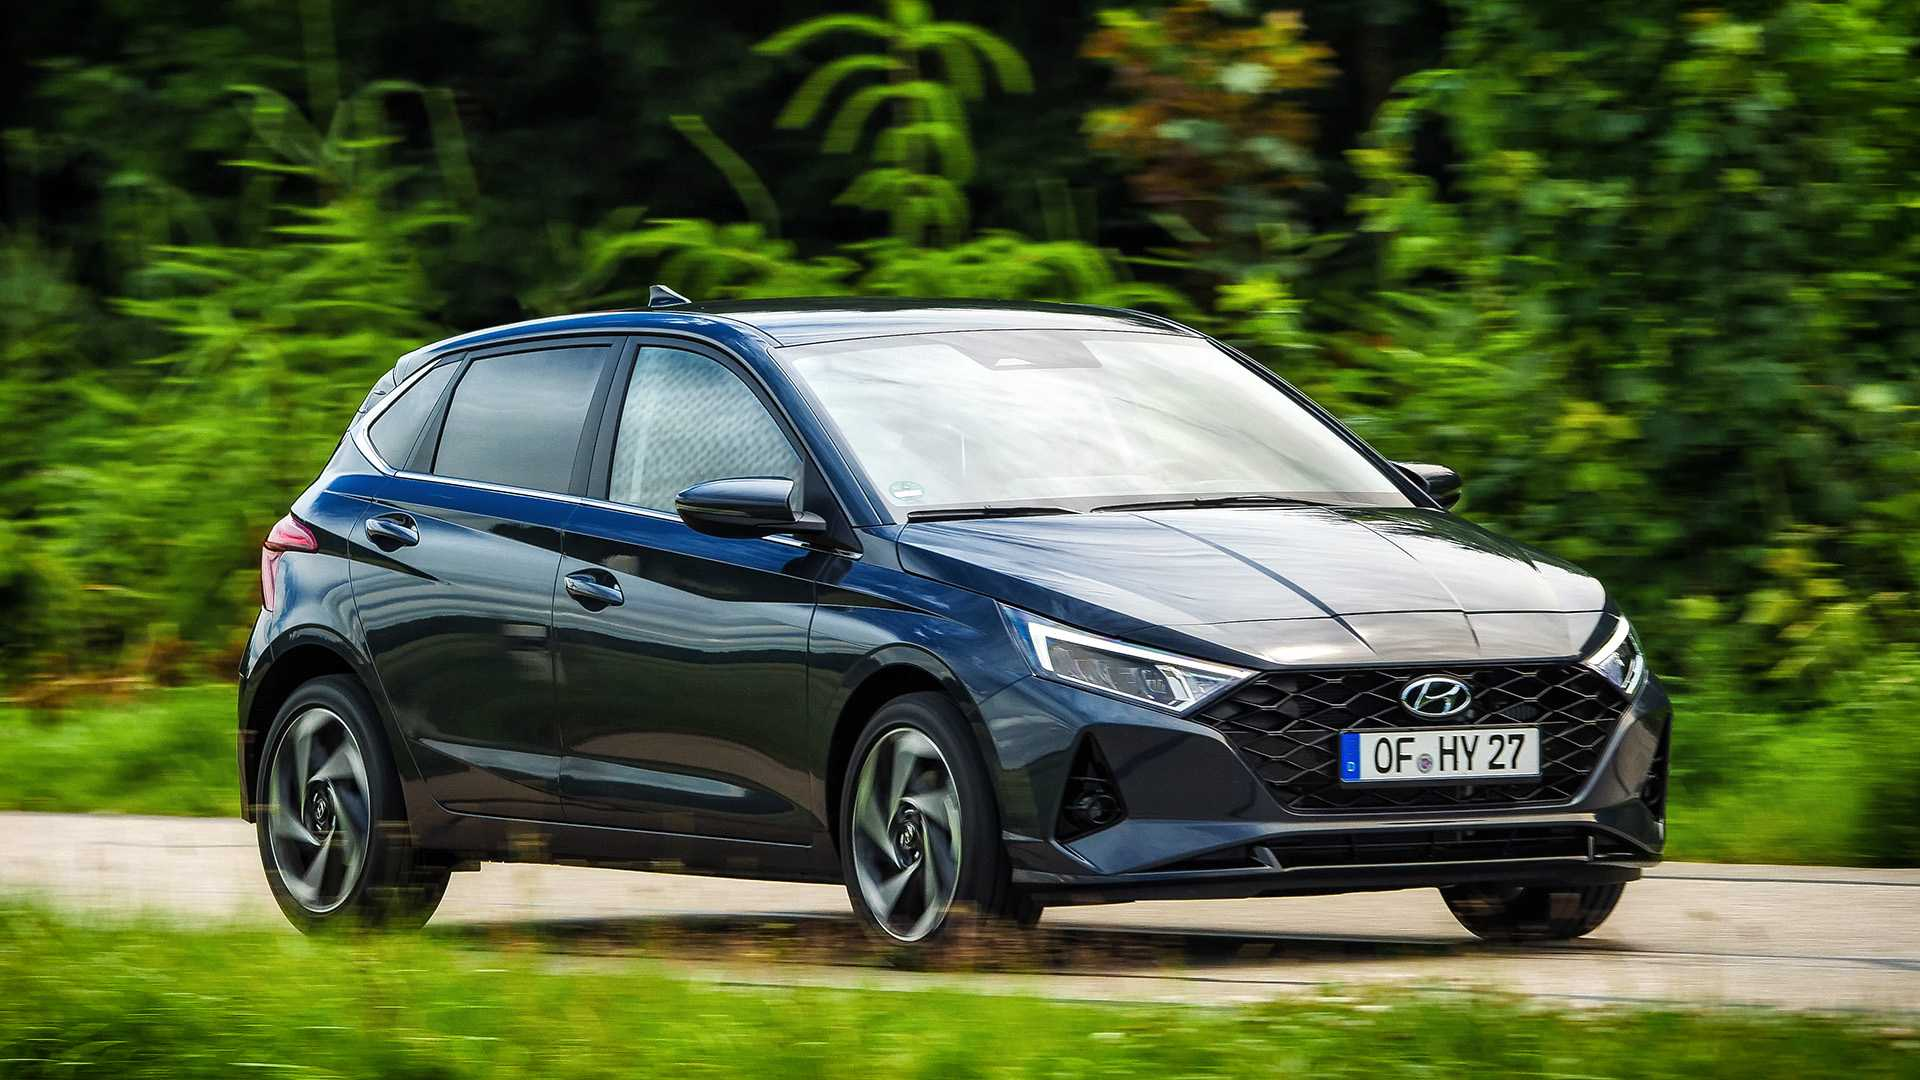 2020 Hyundai i20 test fotoğrafları